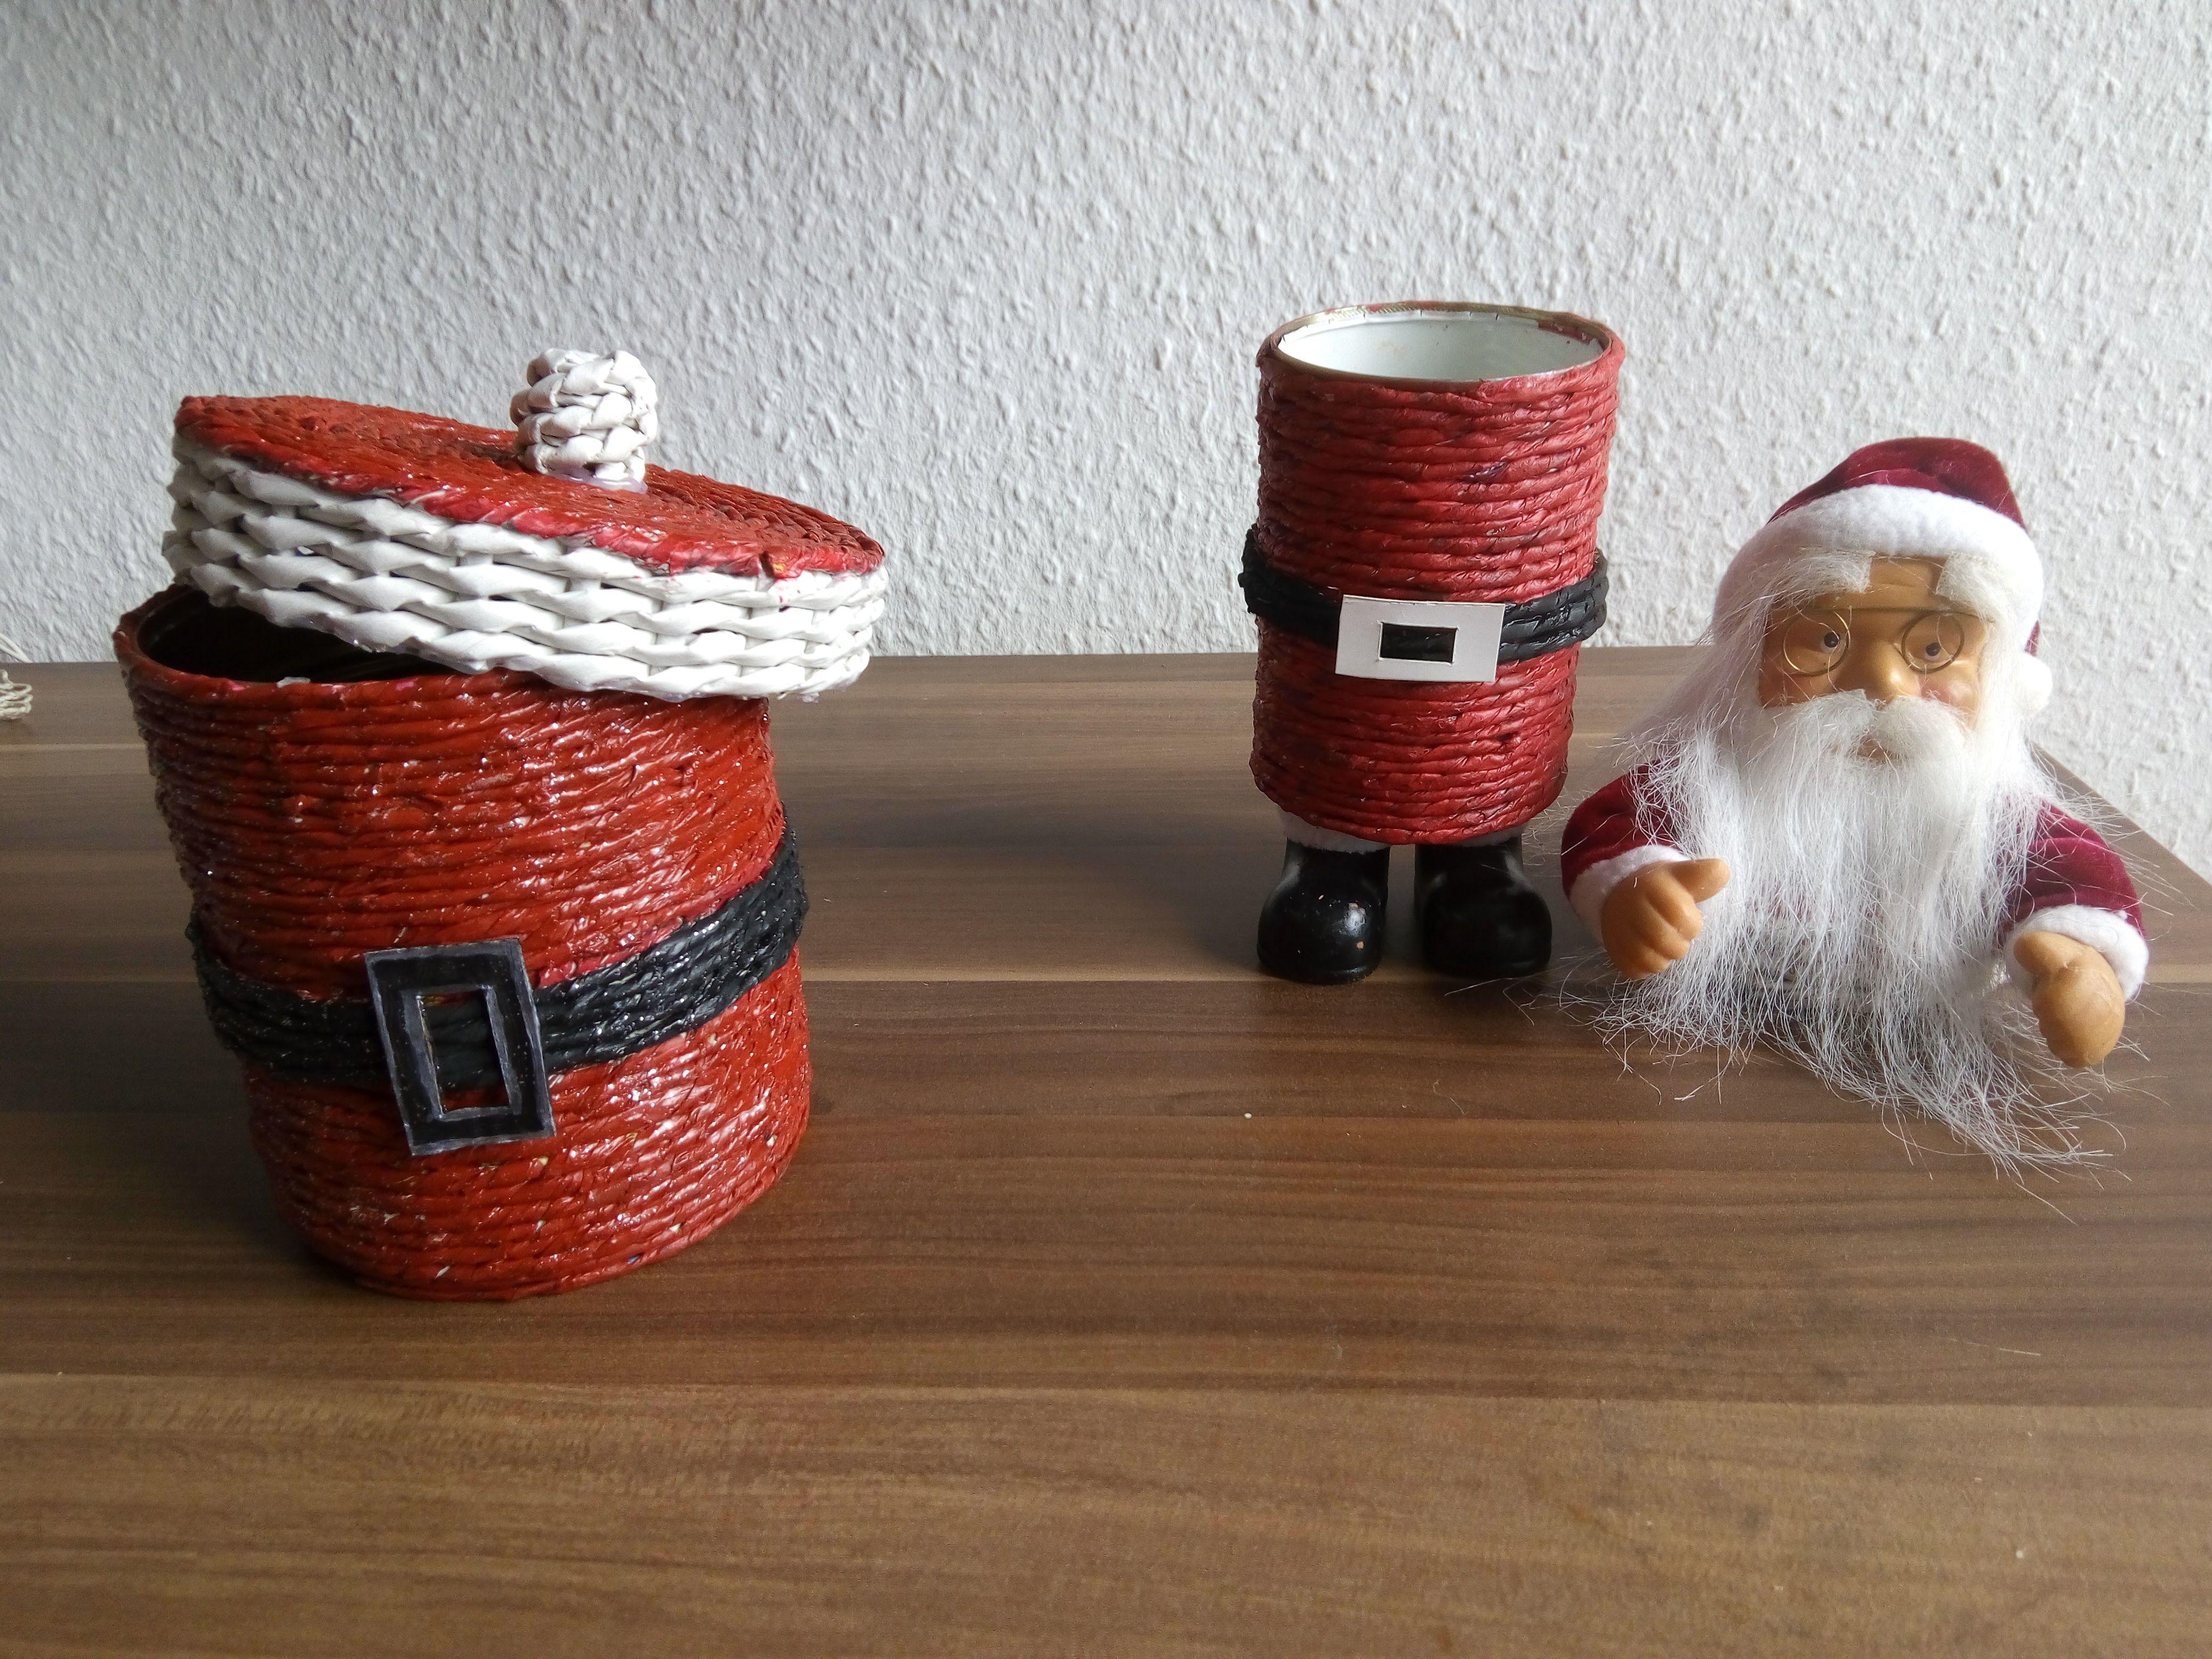 weihnachtliche keks dosen alles aus papier weihnachten papier weihnachten weihnachten en. Black Bedroom Furniture Sets. Home Design Ideas